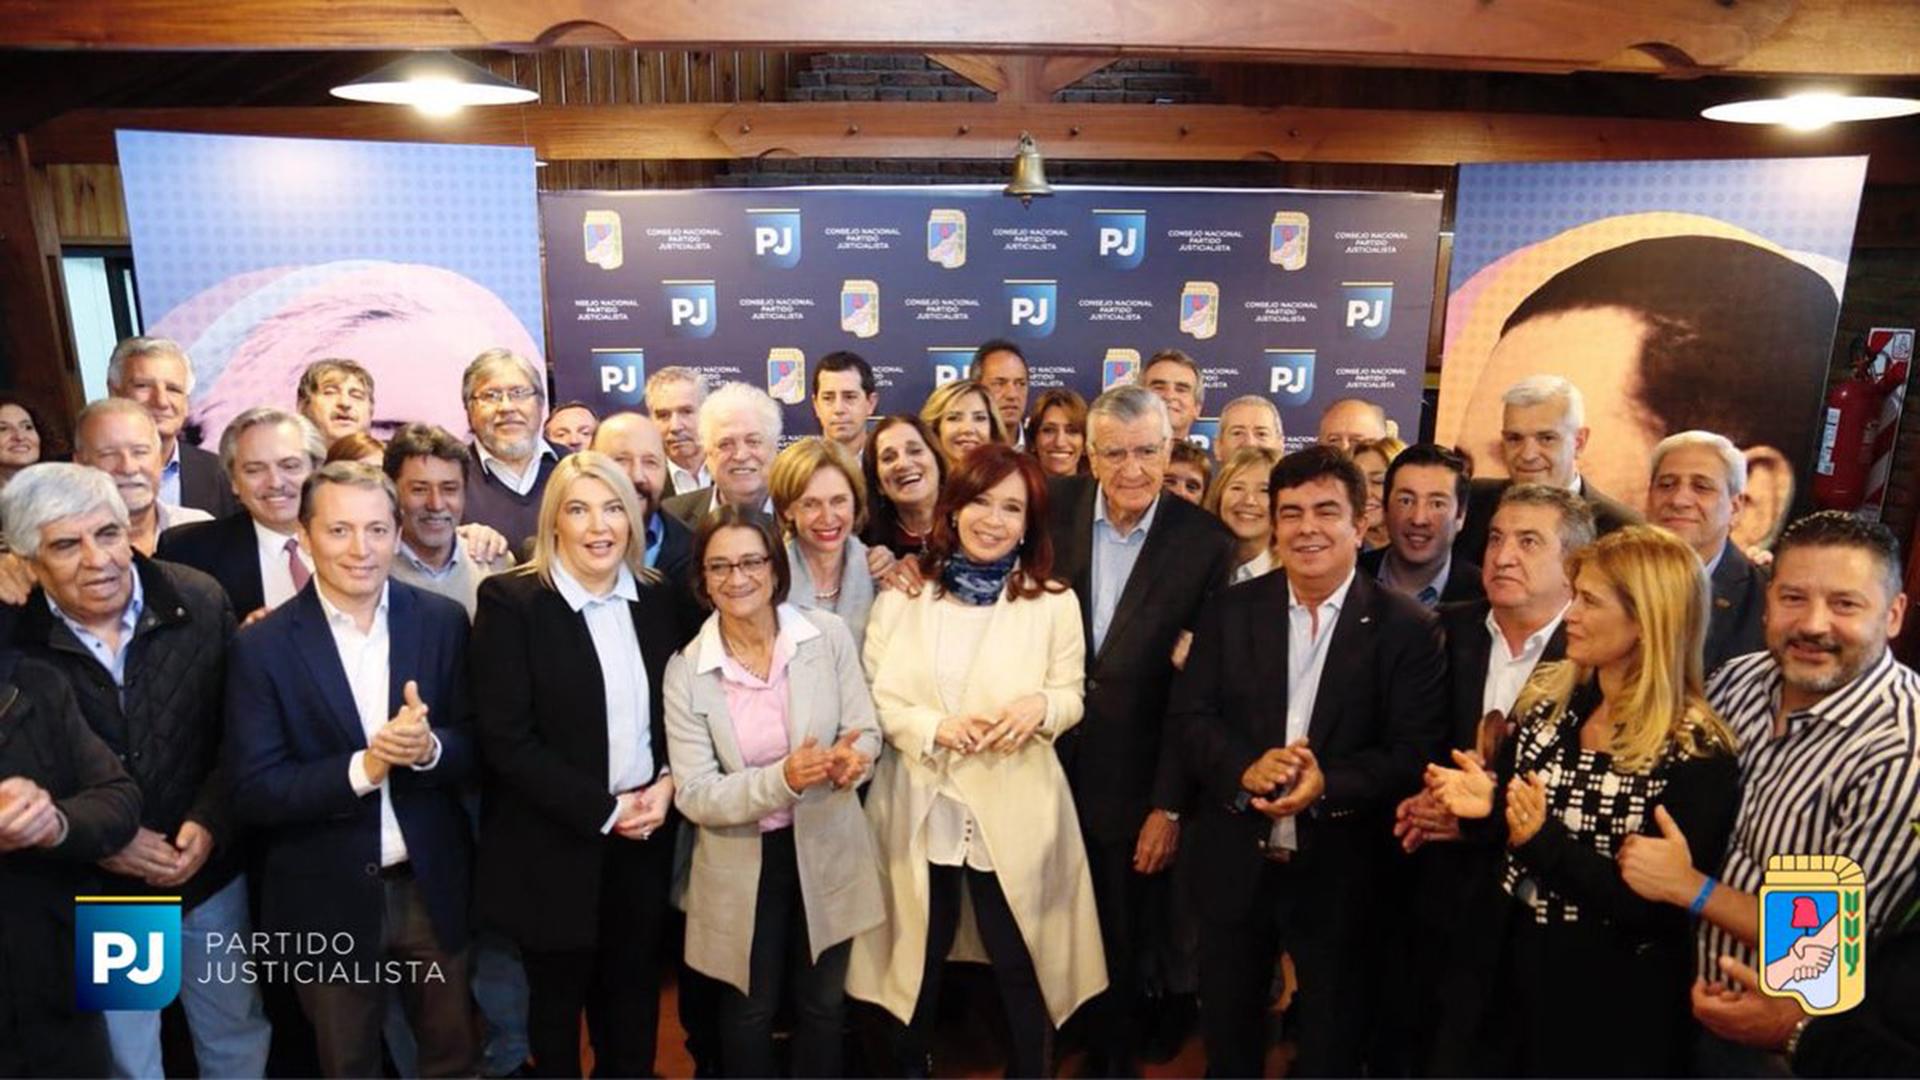 Parte de los intendentes estuvieron este martes junto a Cristina Kirchner en el PJ